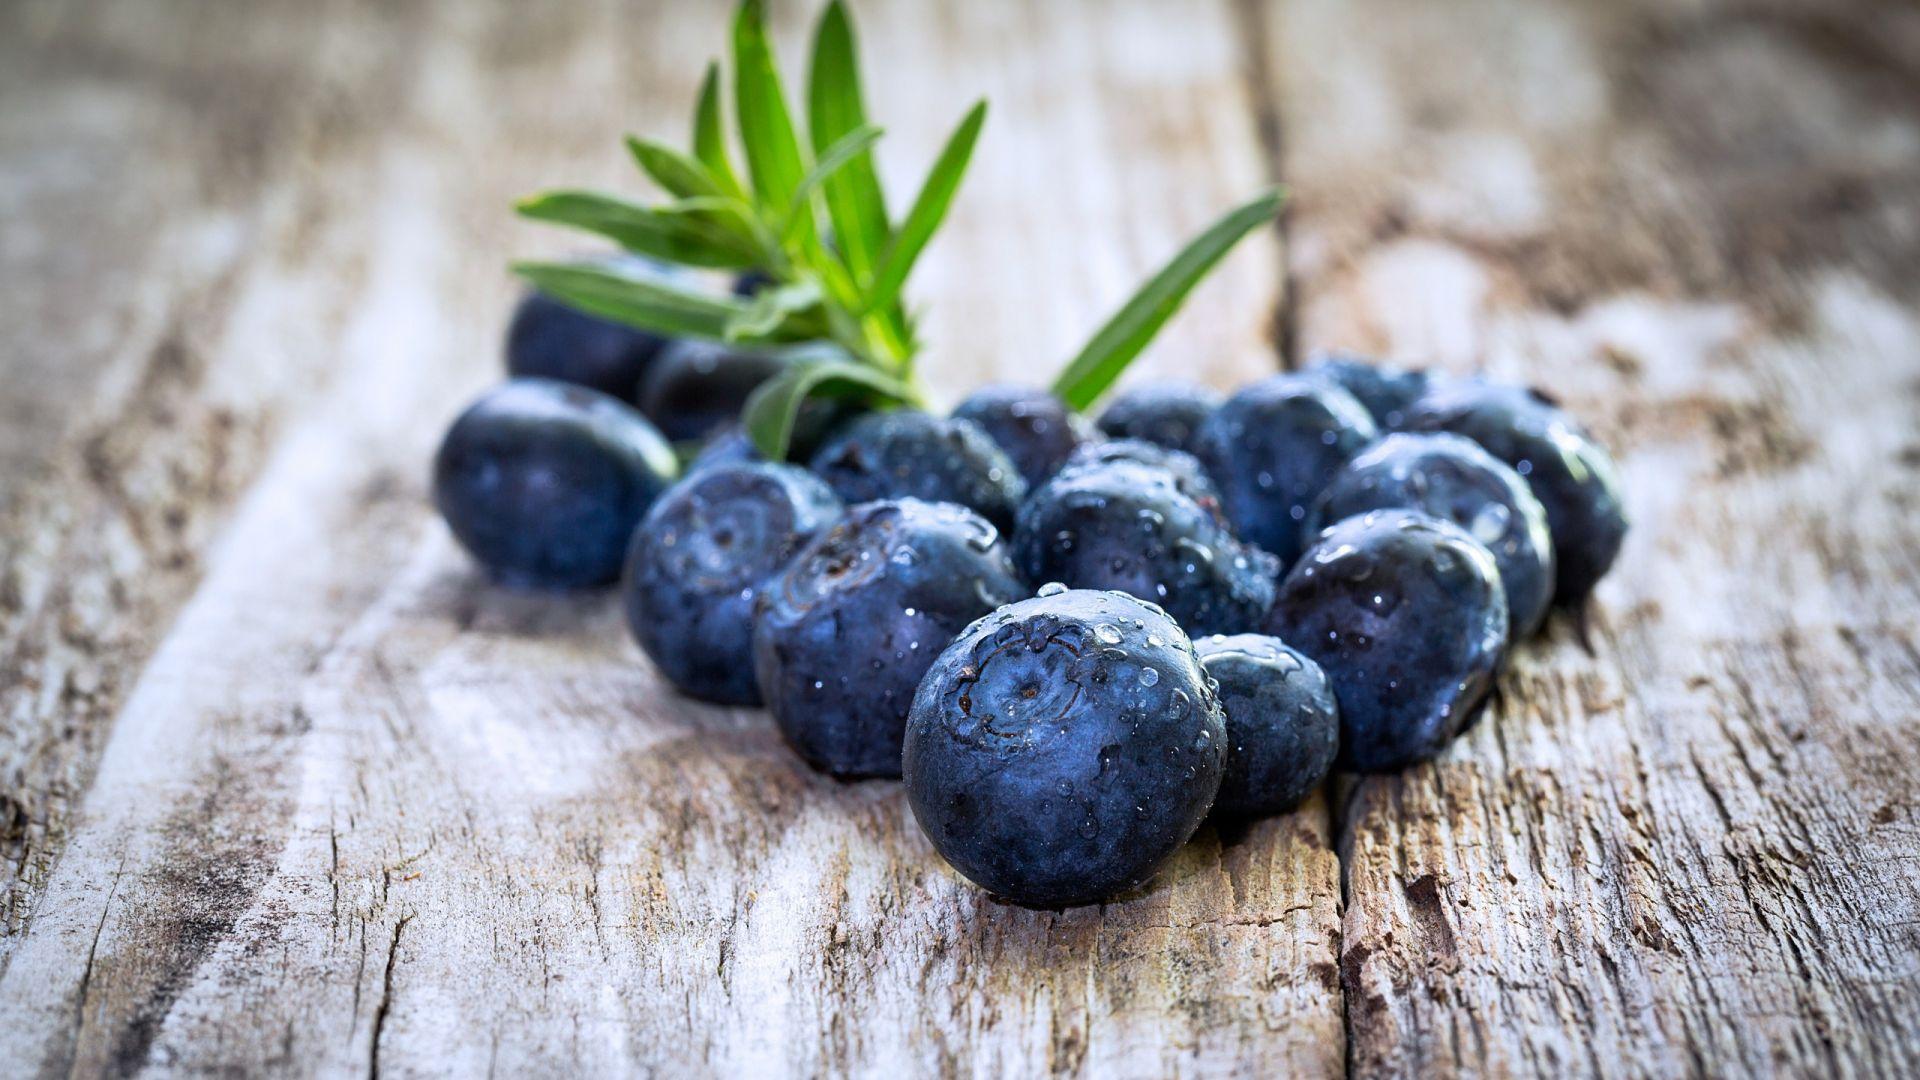 Wallpaper Wooden floor, blueberries, fruits